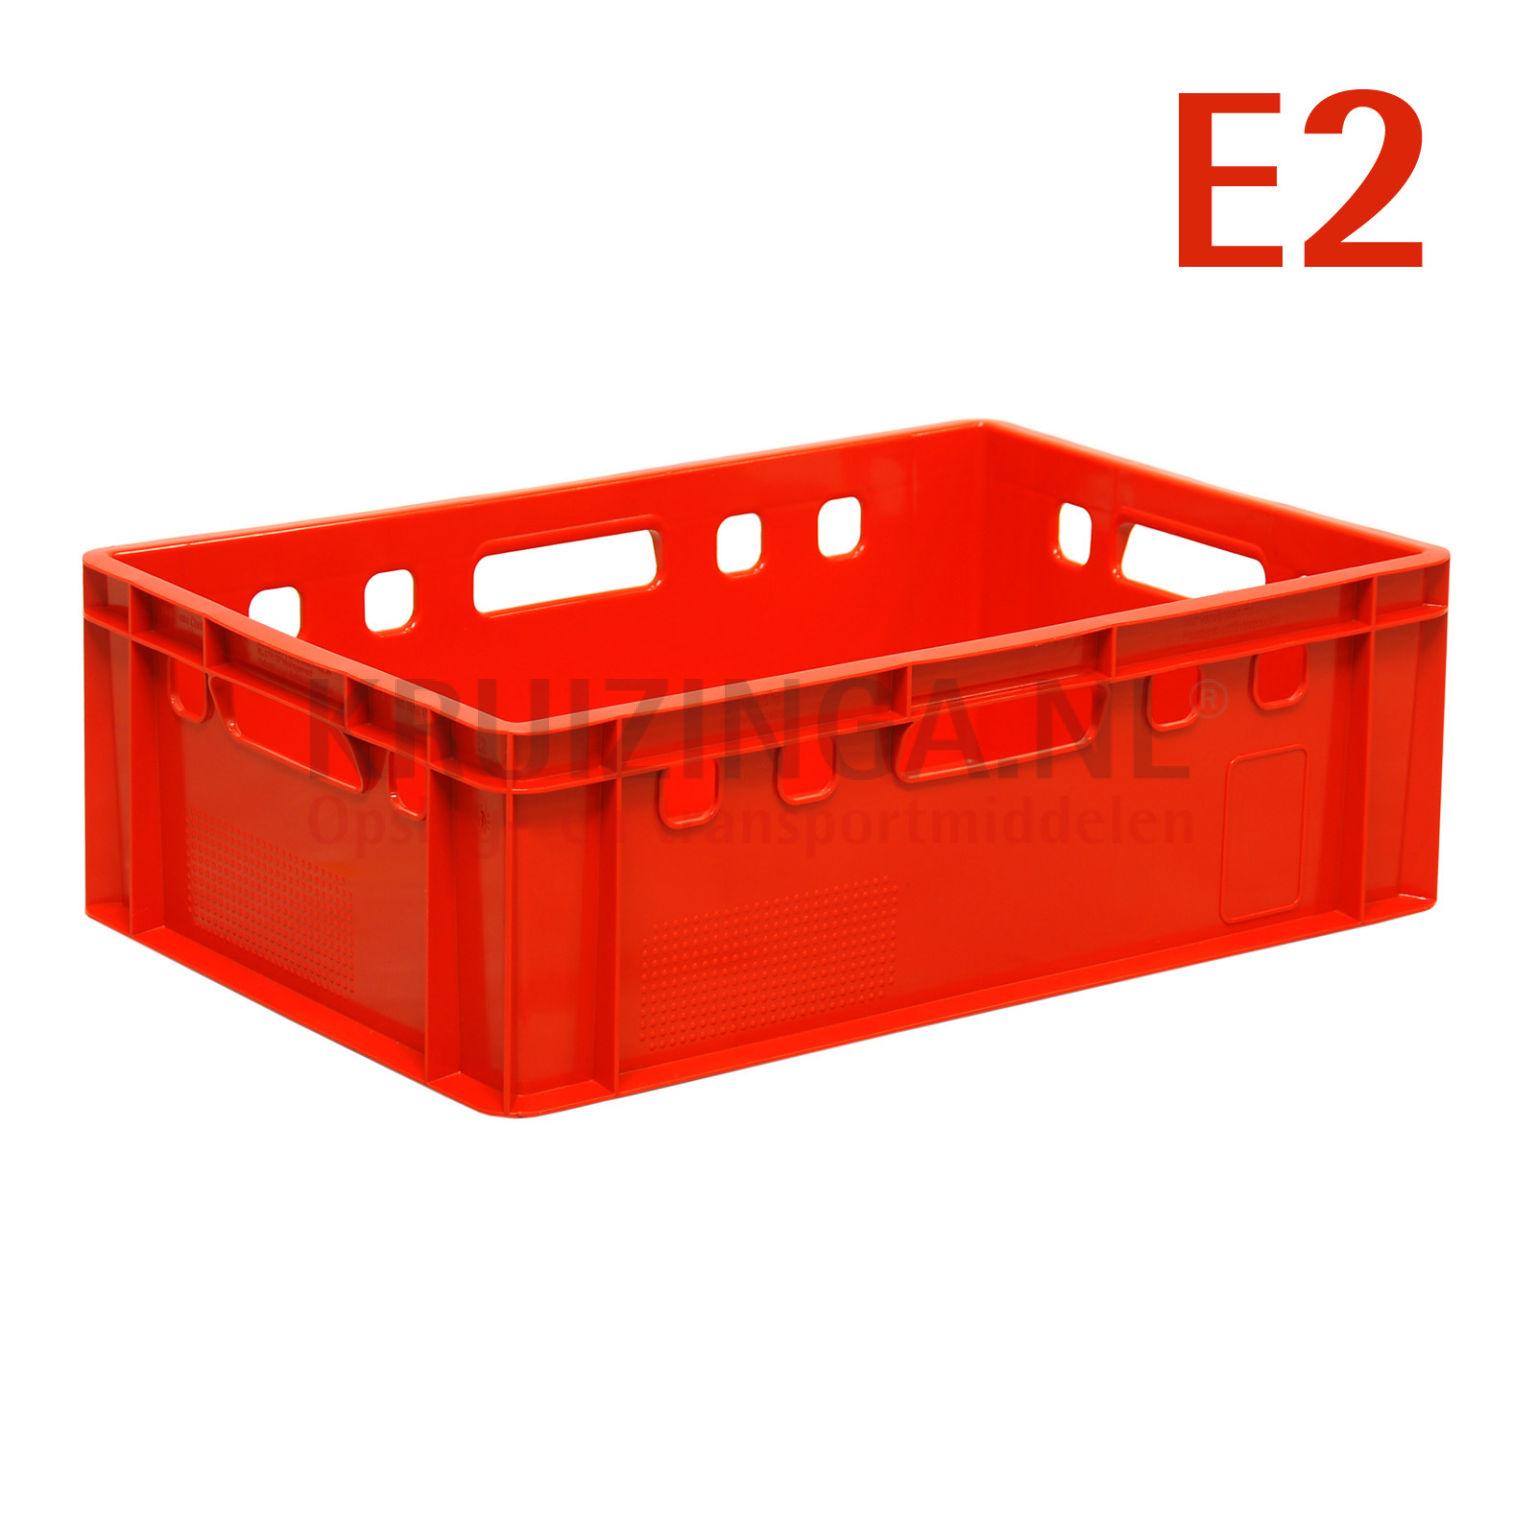 bac de rangement plastique gerbable e2 caisse de viande avec poign es ouvert. Black Bedroom Furniture Sets. Home Design Ideas